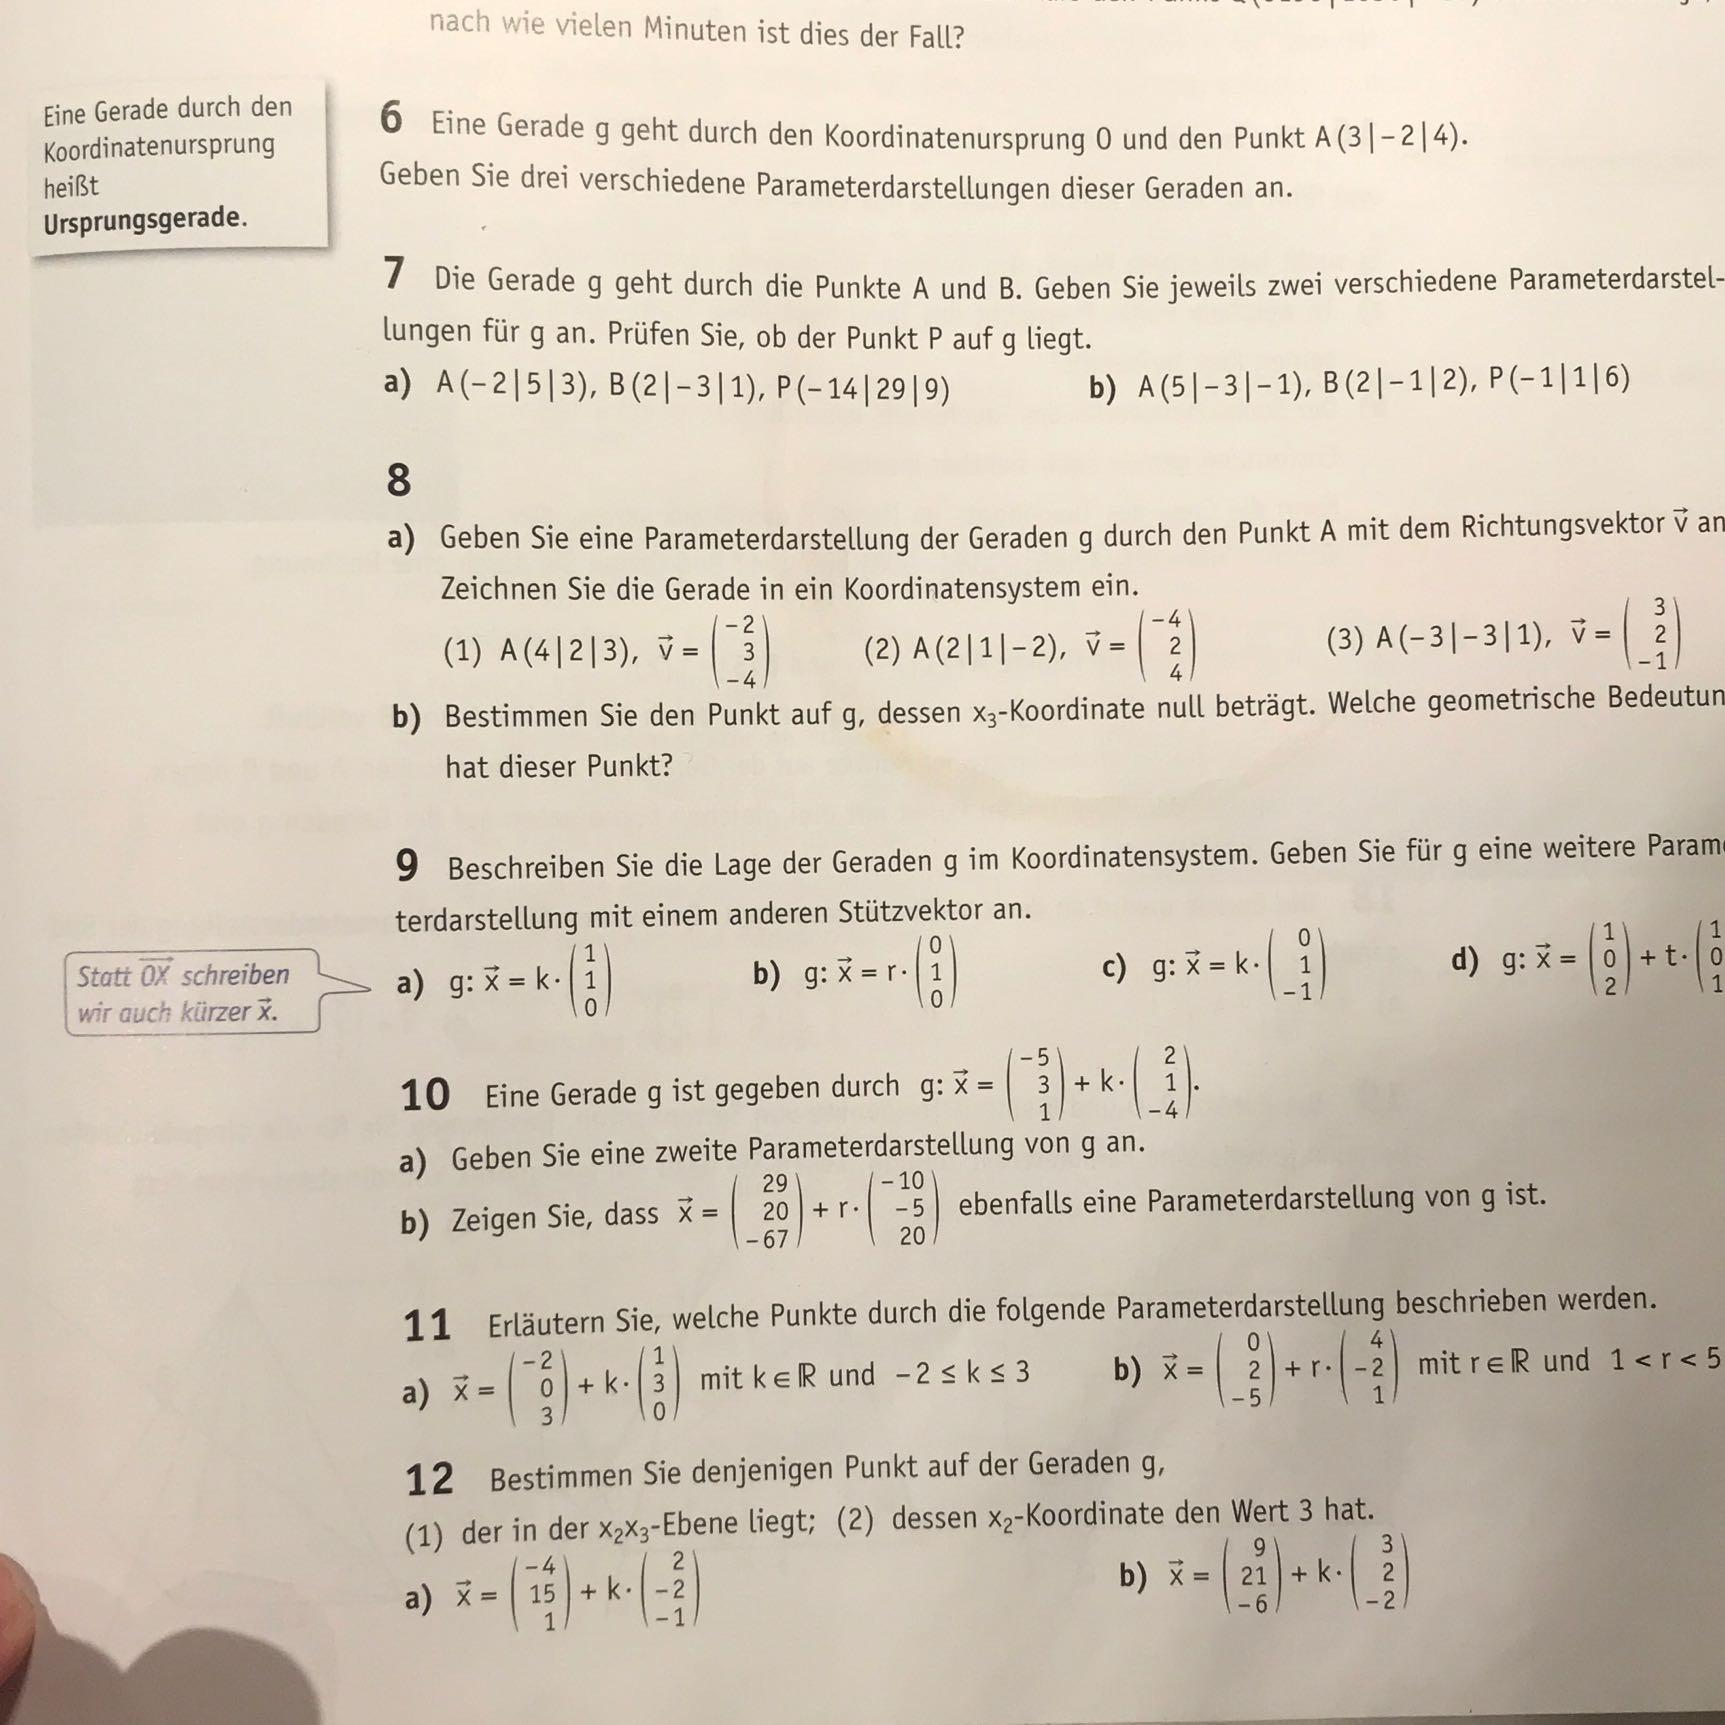 Ich verstehe die Mathe Aufgaben nicht, könnte mir bitte die erklären ...